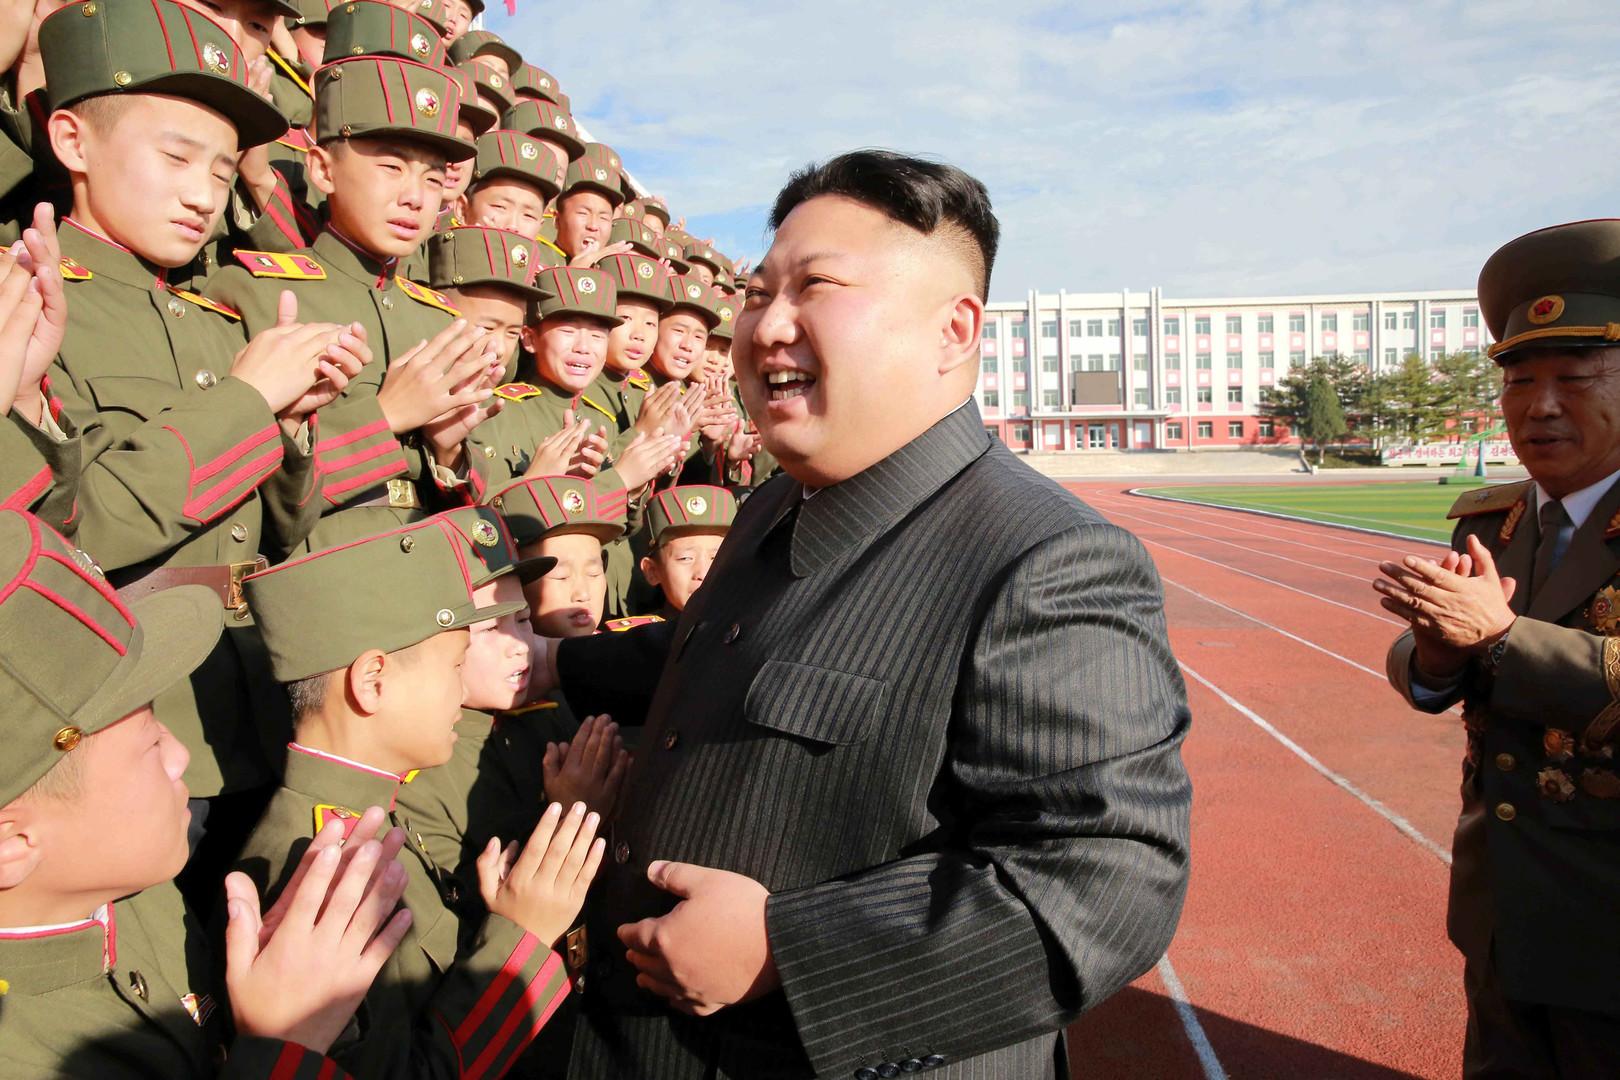 «Ядерная война может начаться в любой момент»: в КНДР предупредили США о вероятном конфликте